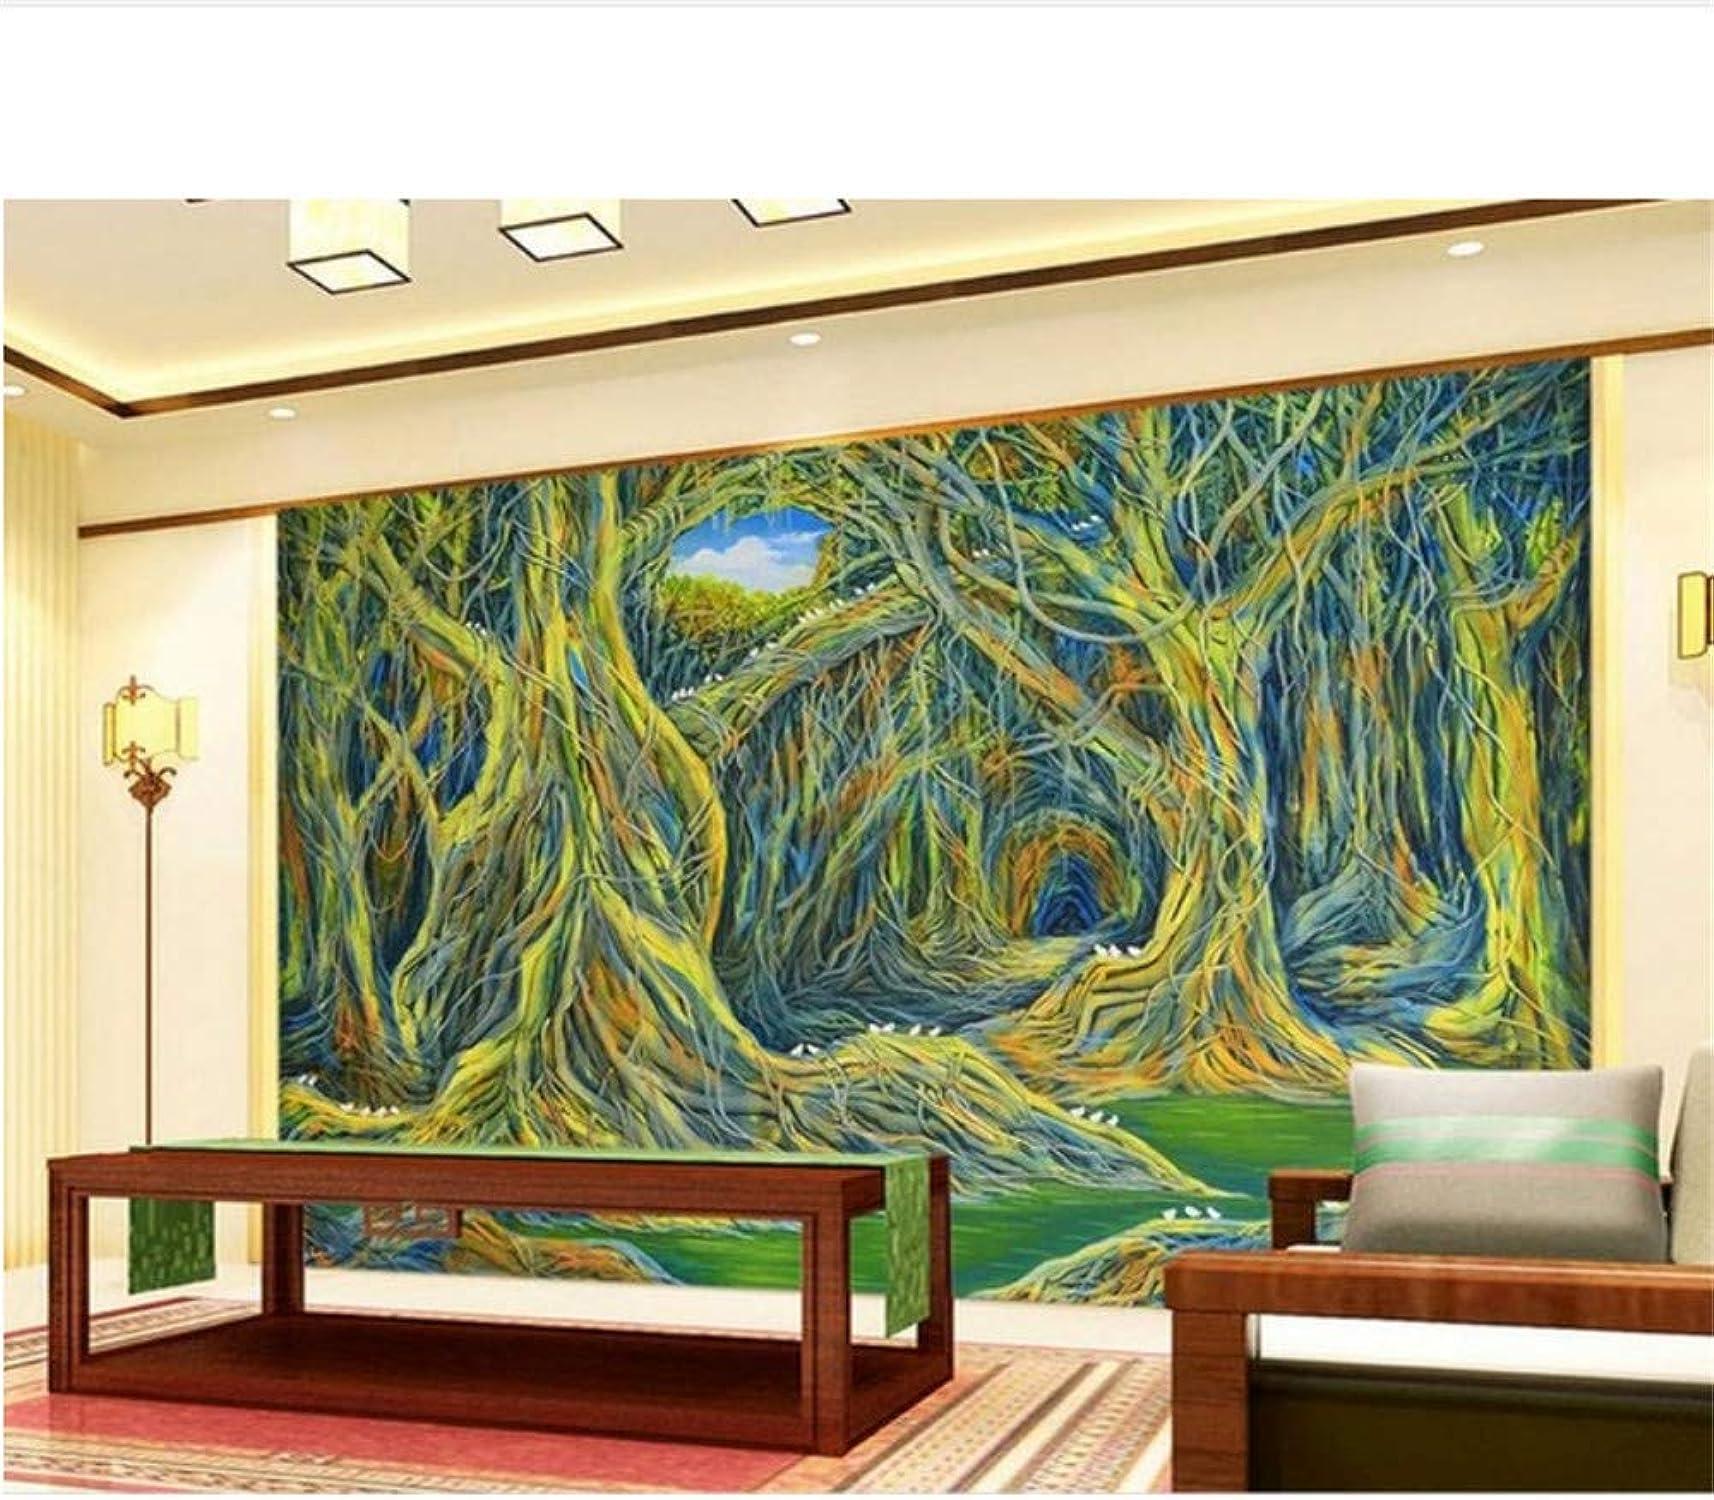 ventas en linea Qqasd personalizzare murales murales murales 3d Dipinto a mano astratto foresta pluviale 3d foto wallpaper per soggiorno 3d murales carta da parati stereoscopica-190X130CM  nueva gama alta exclusiva